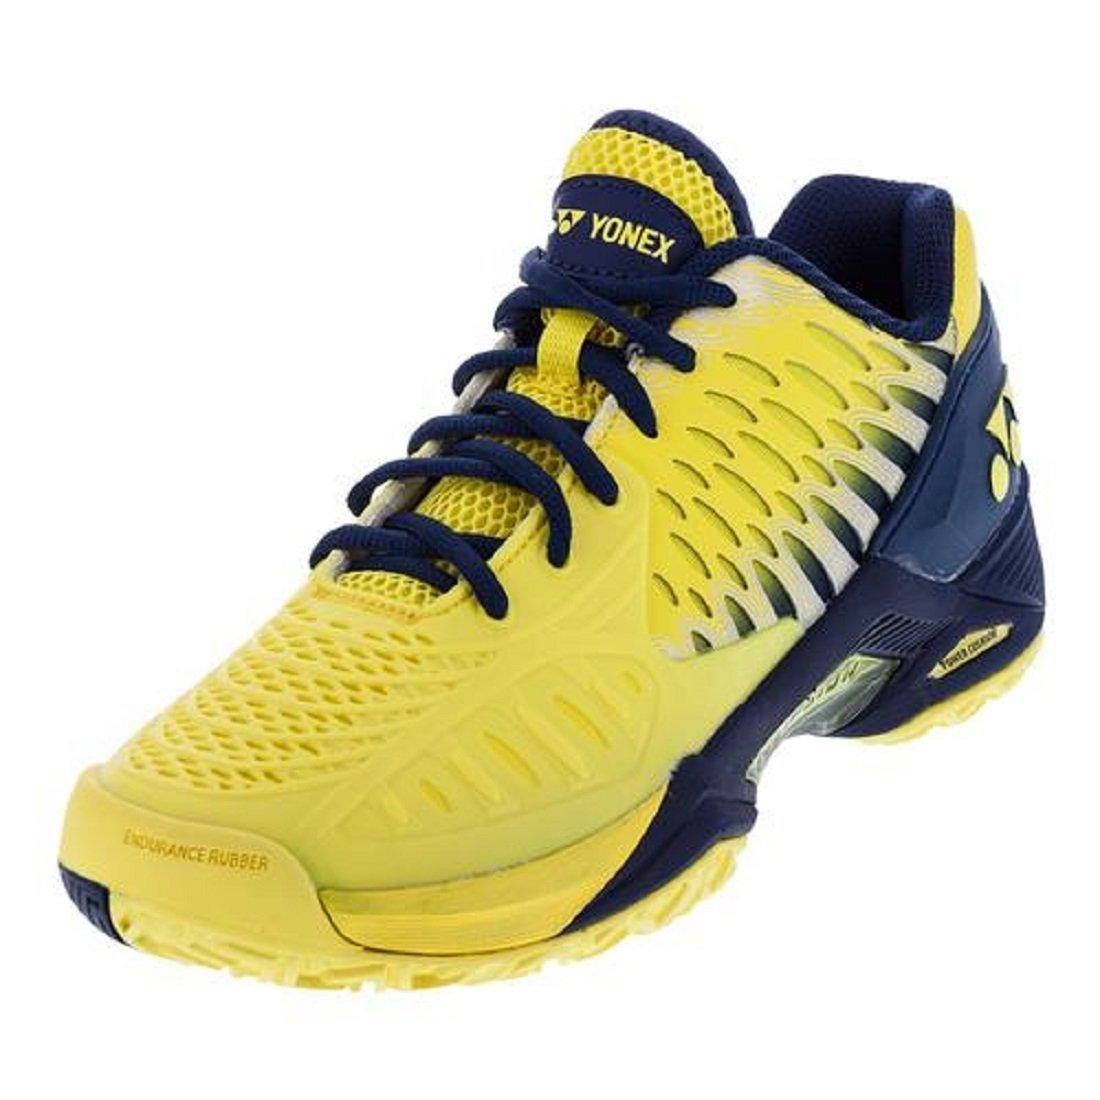 Yonex Power Cushion Eclipsion All Court Mens Tennis Shoe (10)